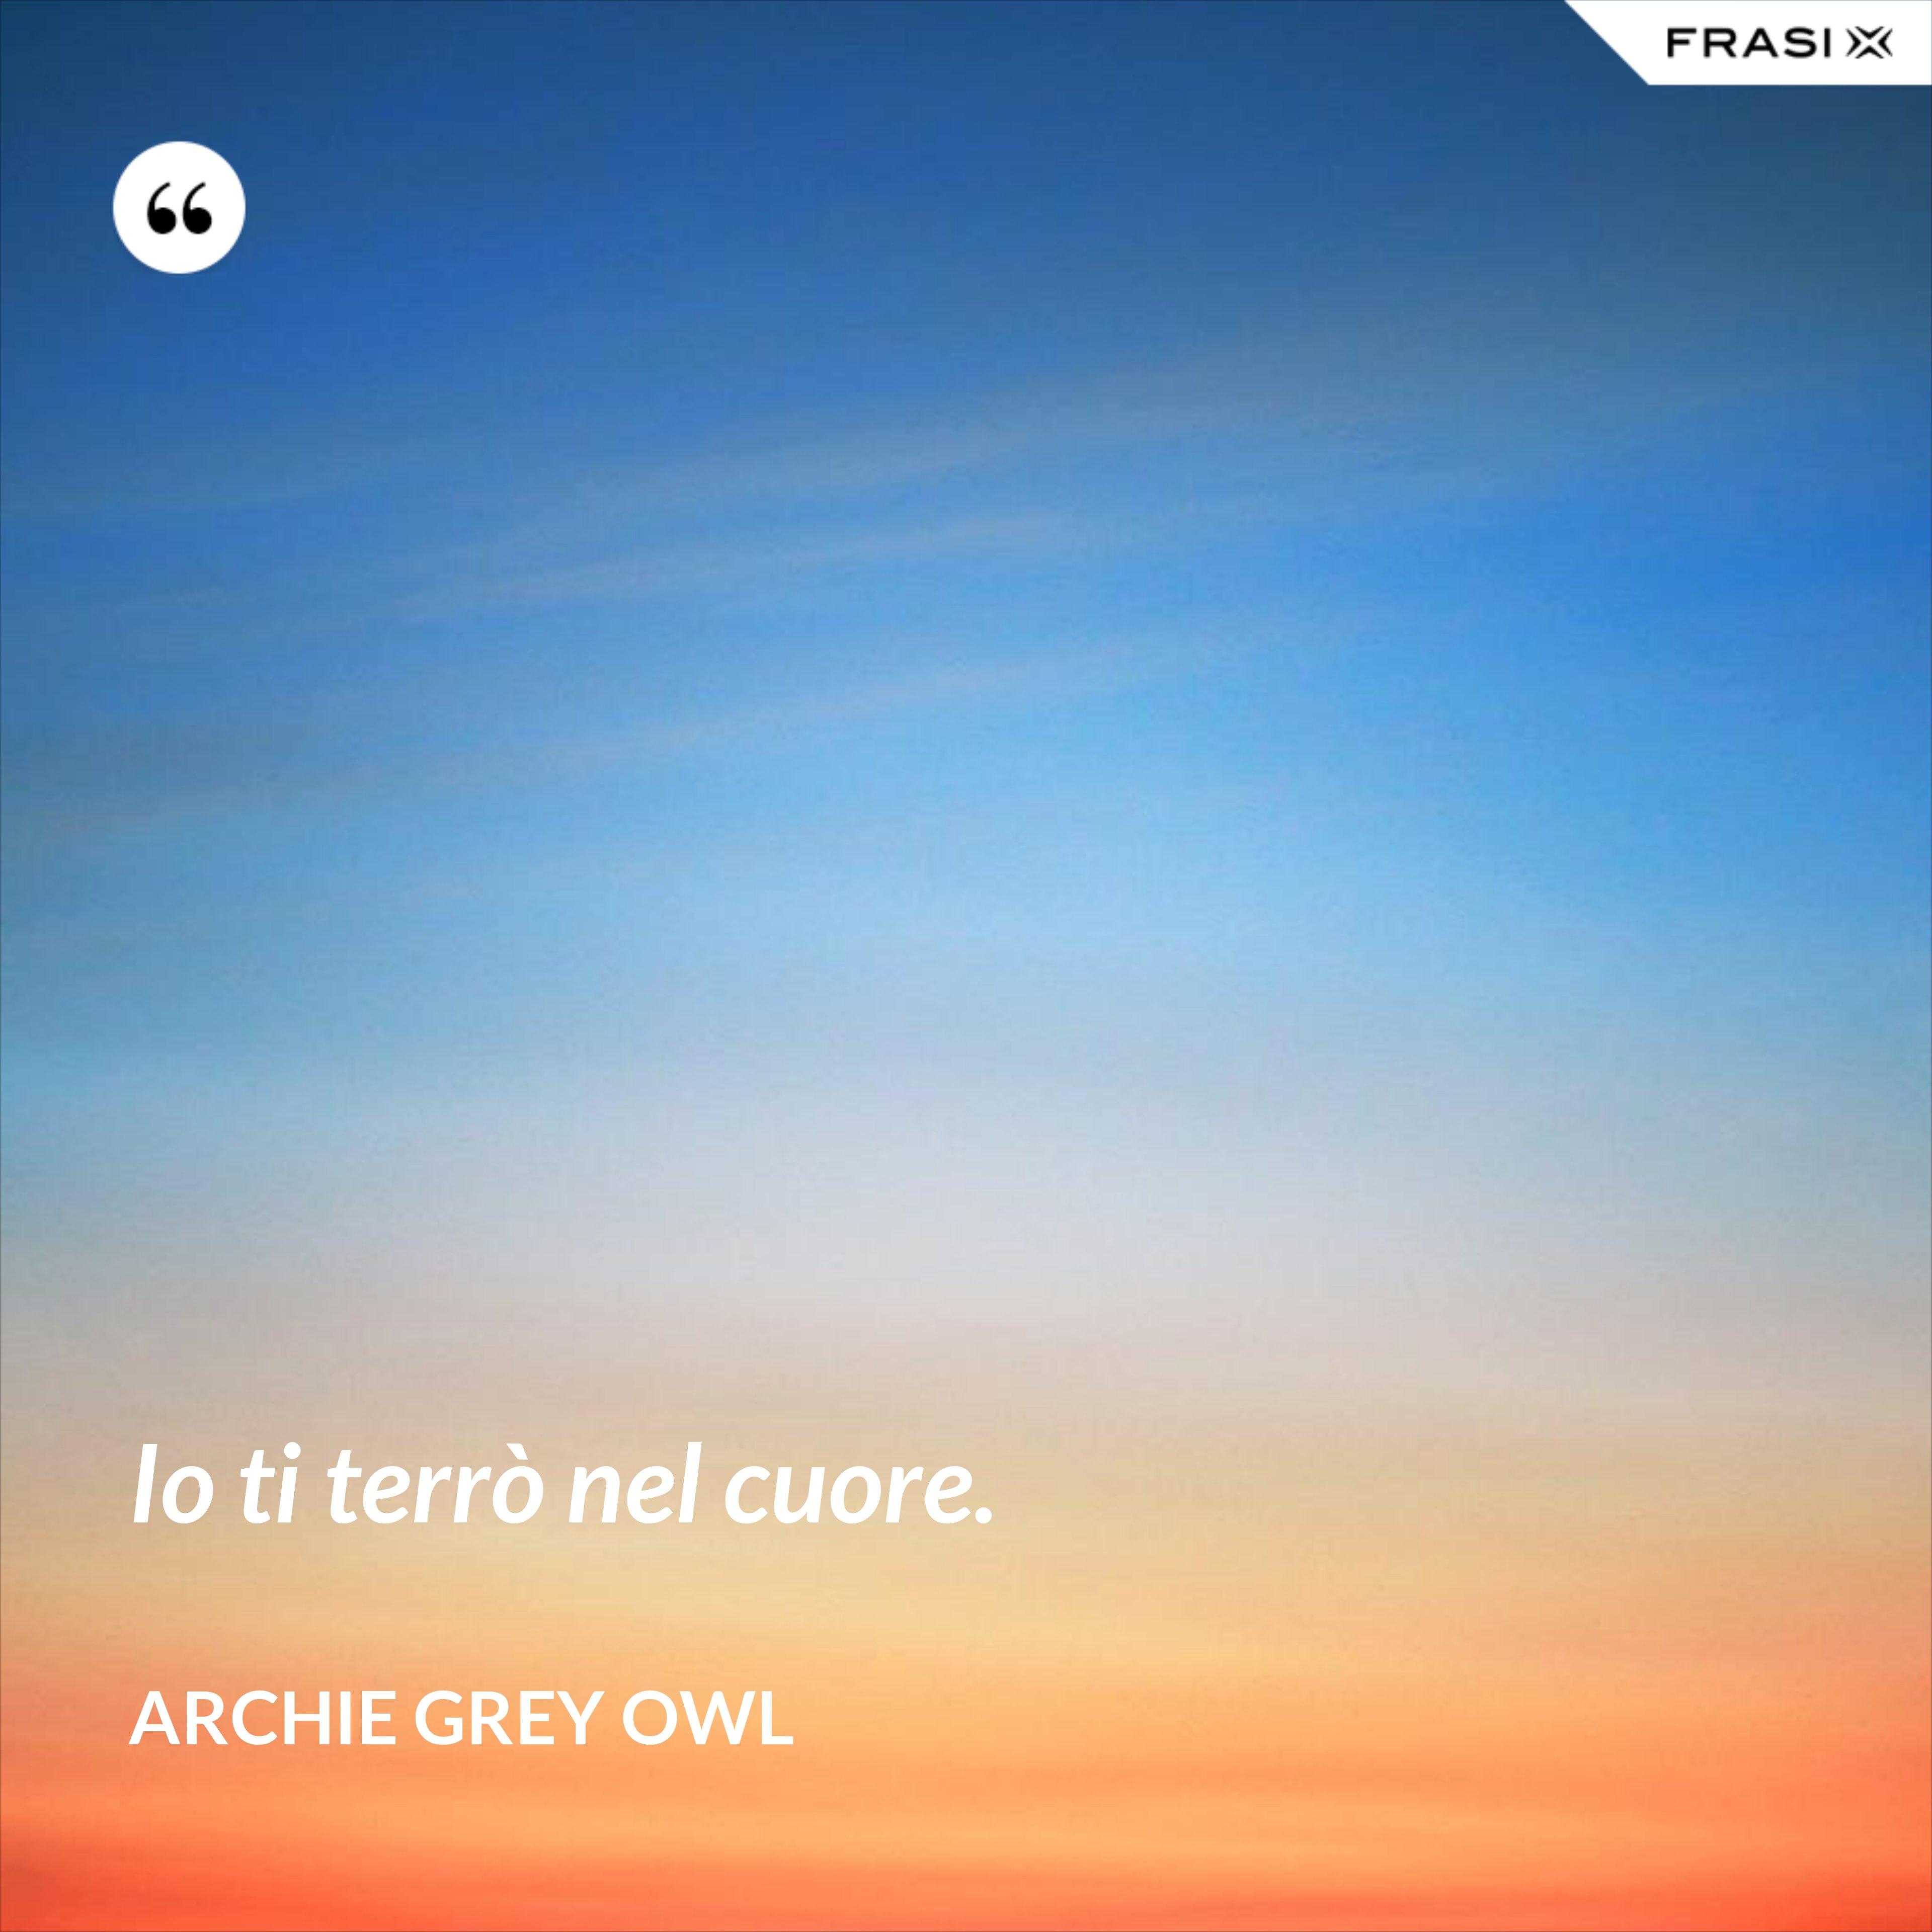 Io ti terrò nel cuore. - Archie Grey Owl